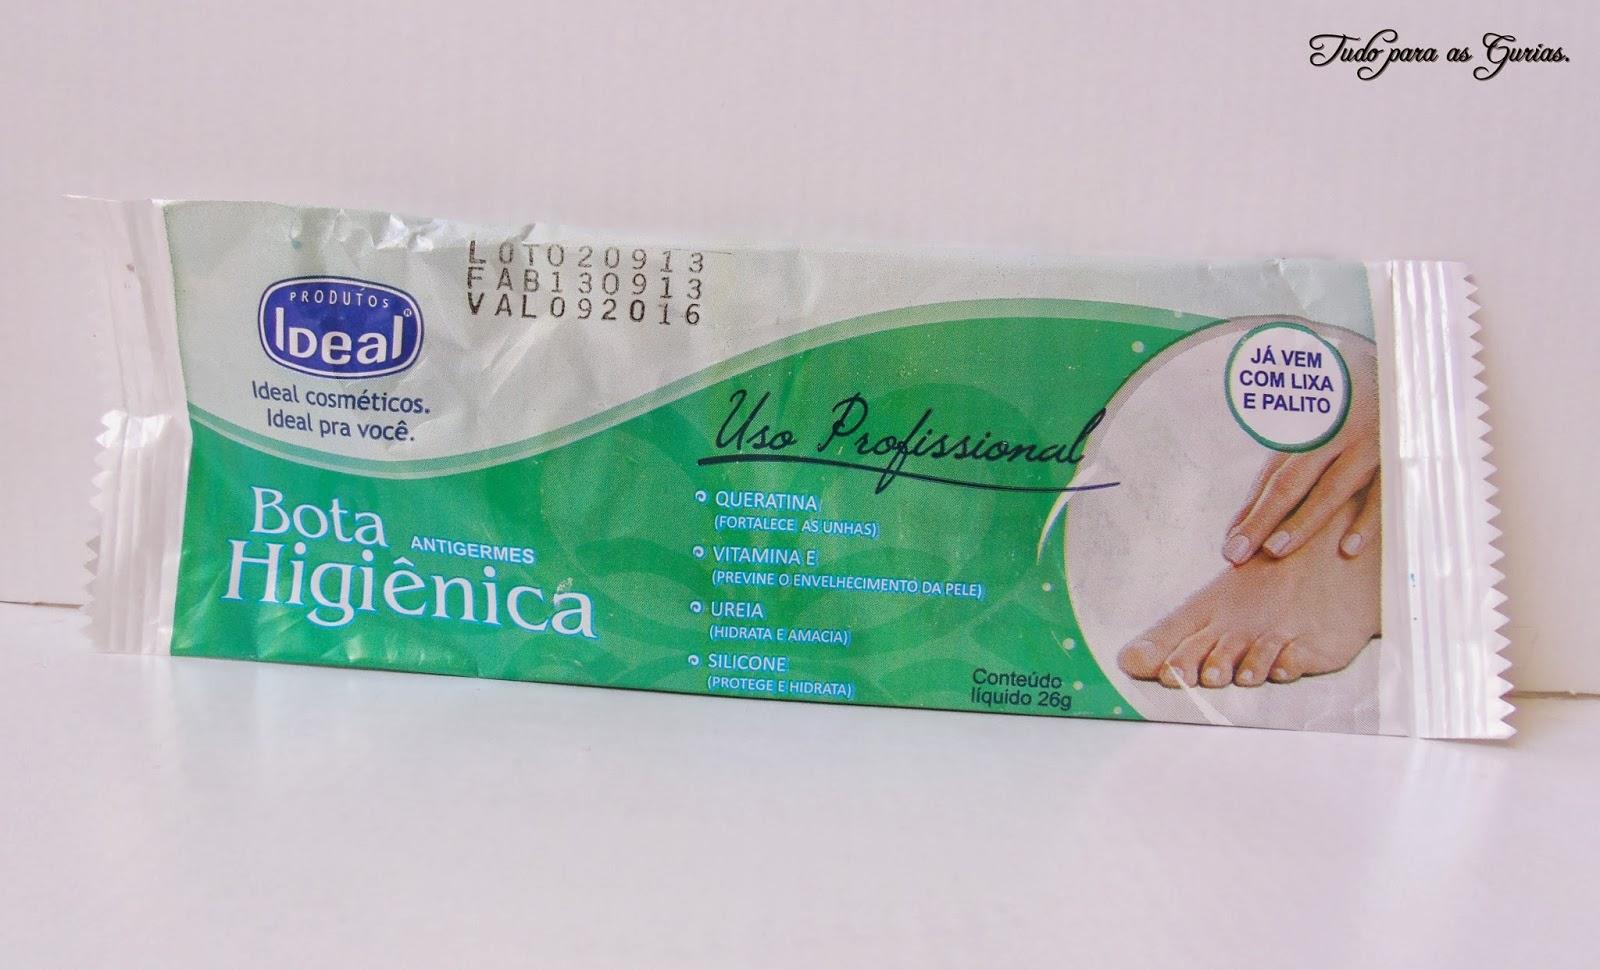 Resenha: Bota higiênica da Ideal.